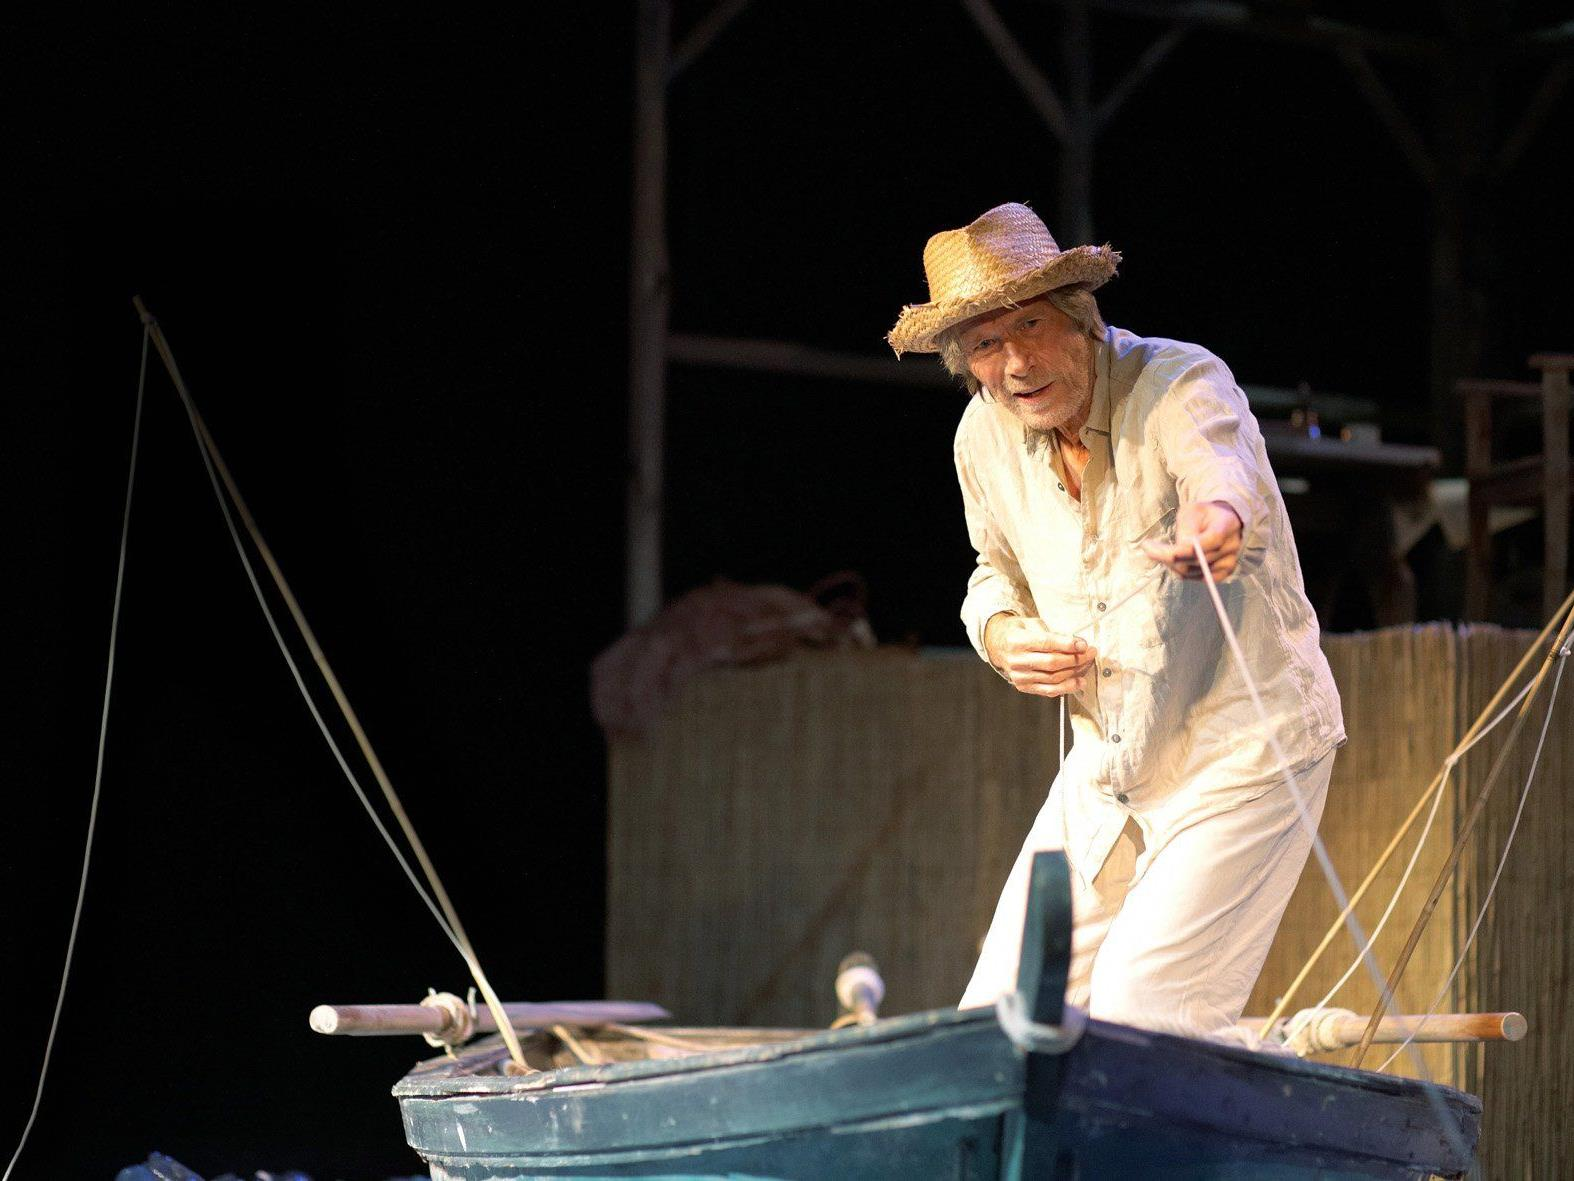 Der alte Mann Santiago (Horst Janson) im Kampf mit den Fischen und dem Meer.